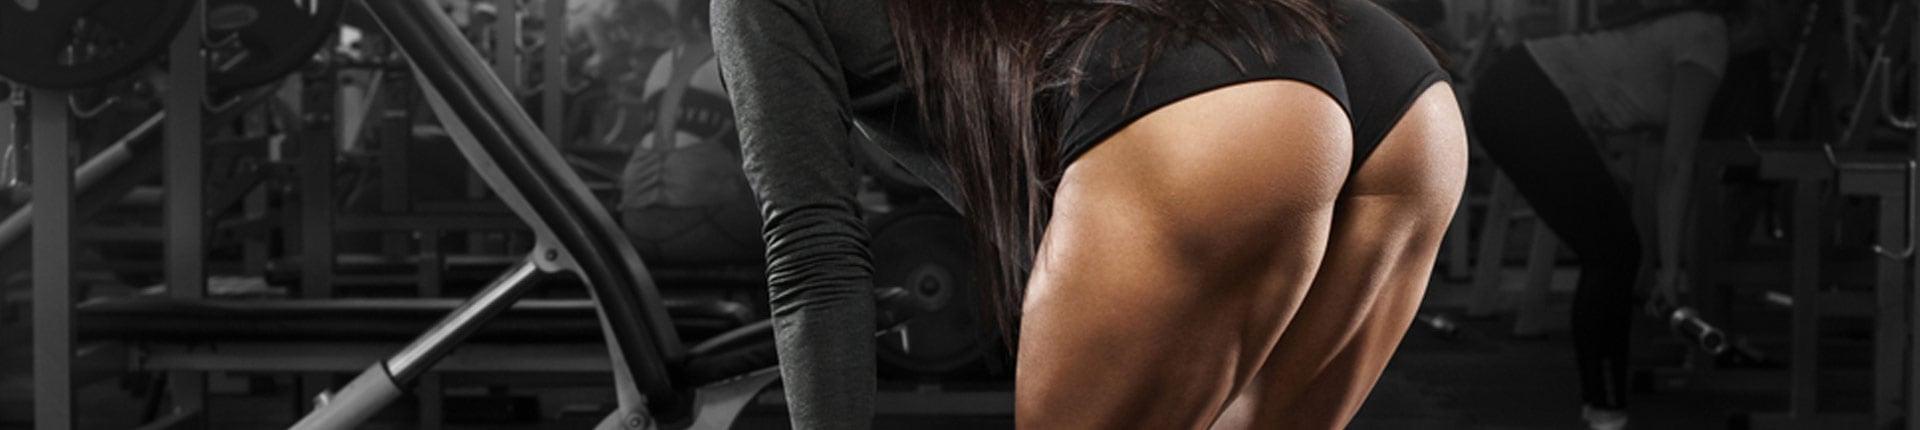 Jakie ćwiczenia zamiast martwego ciągu?